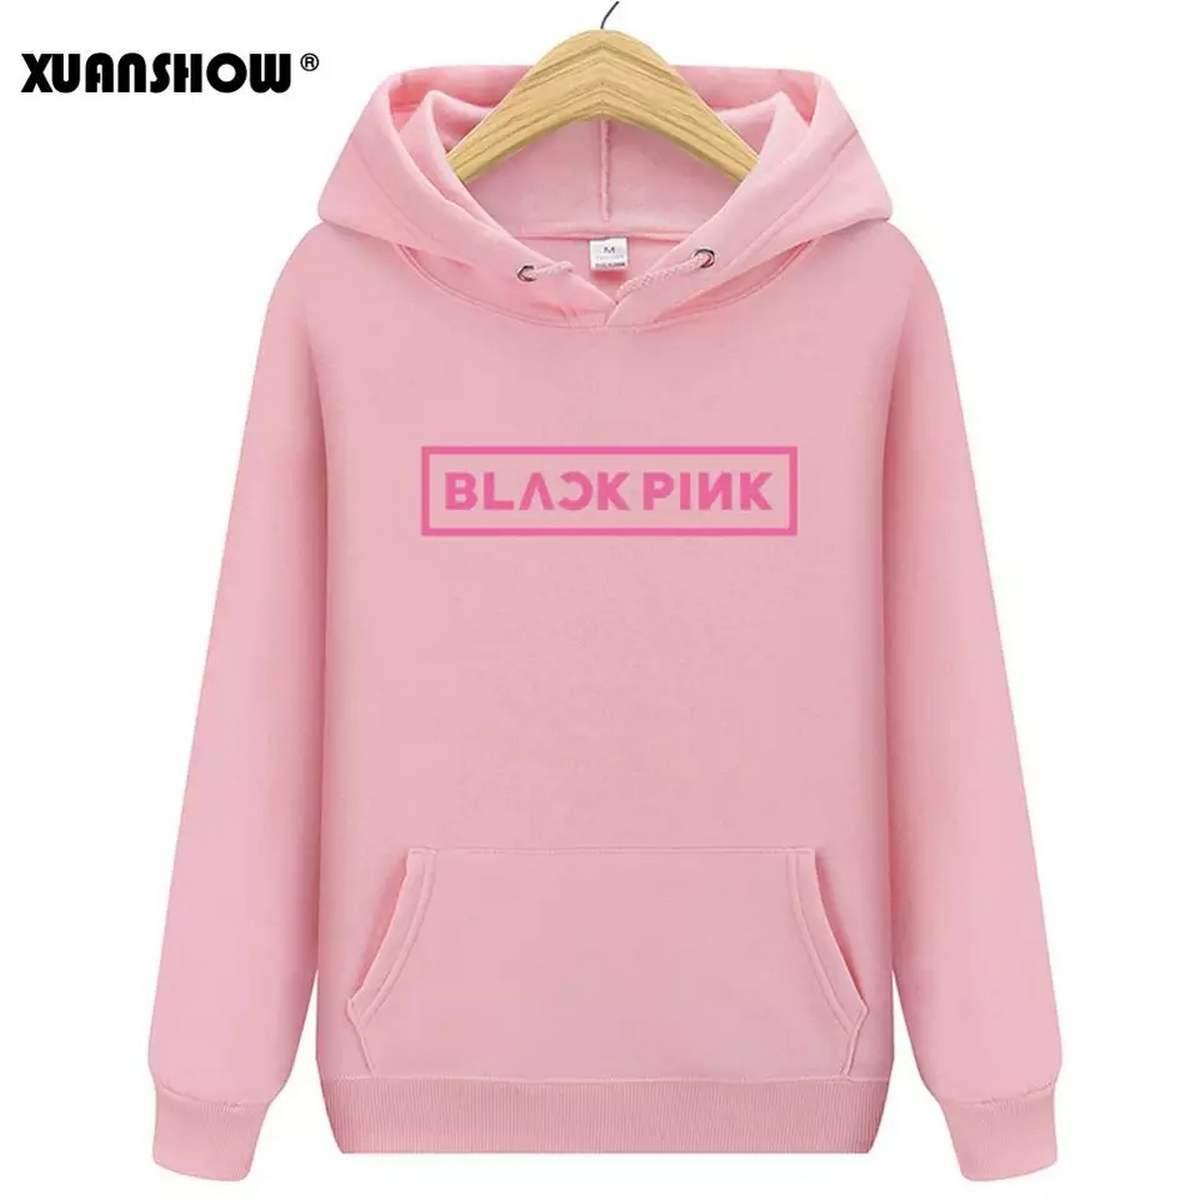 Jack Beos Blackpink Black Fleece Hoodie For Women  92720020